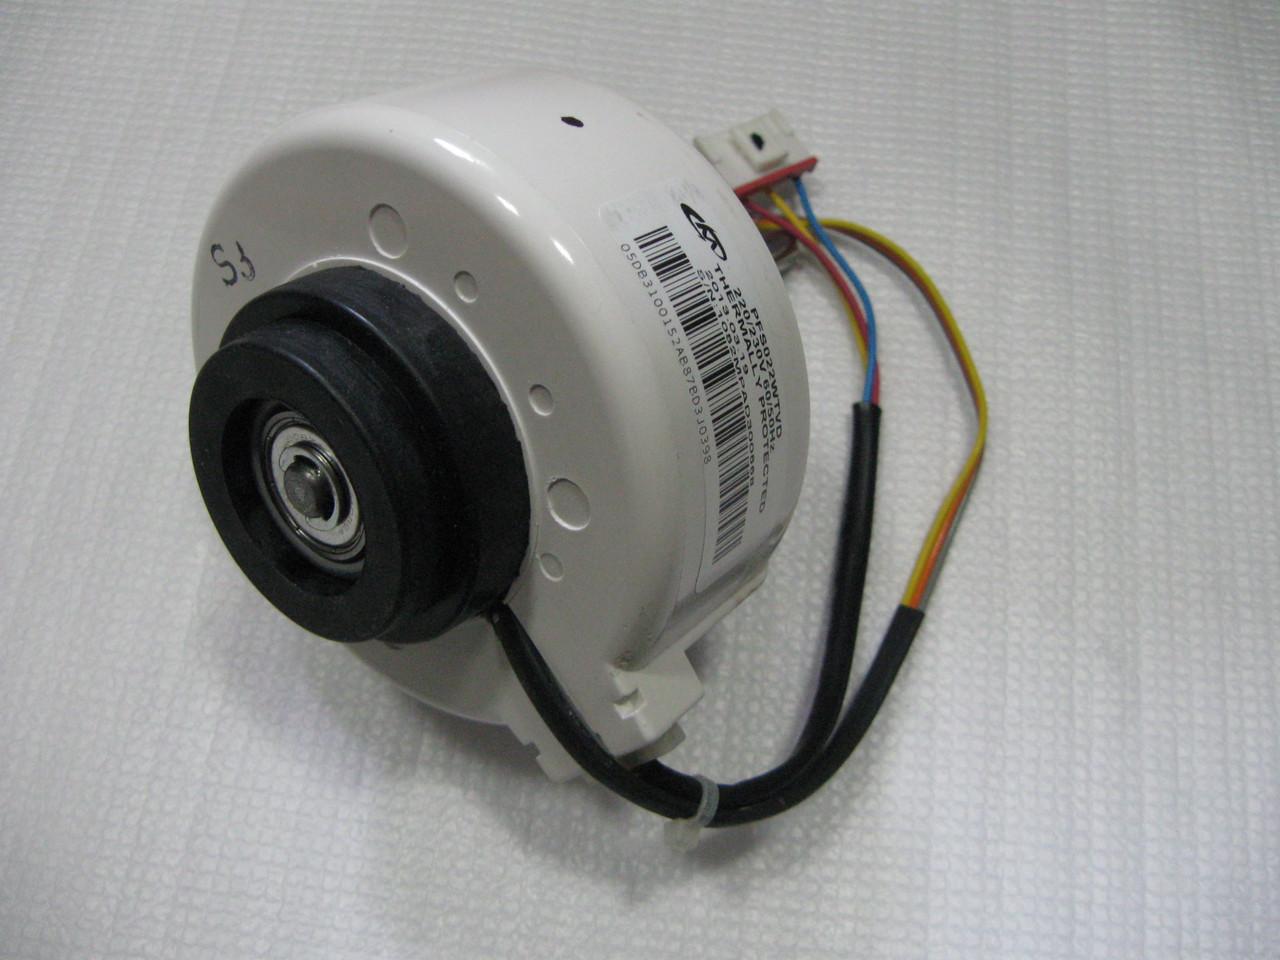 Мотор вентилятора внутреннего блока кондиционера Samsung DB31-00152A